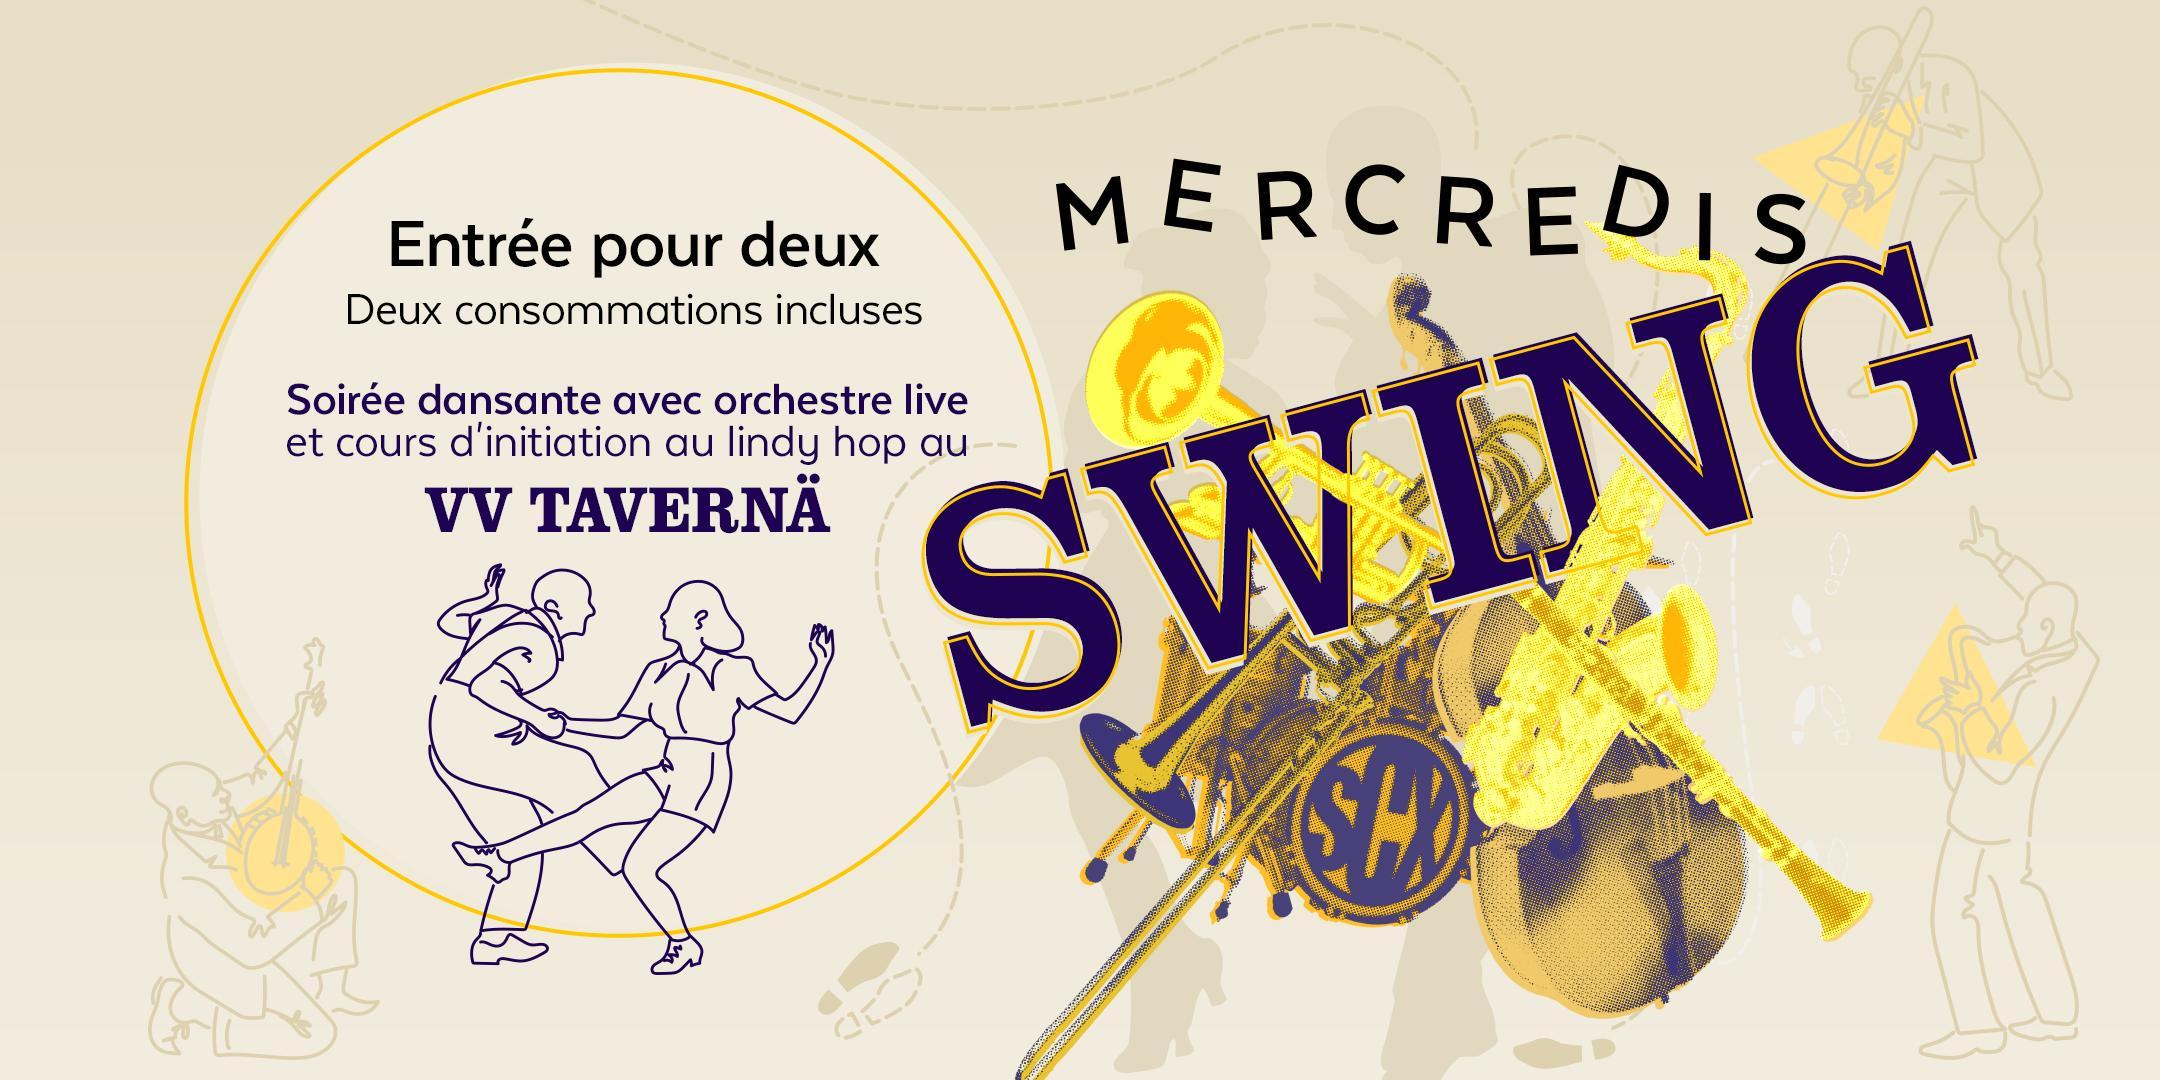 Mercredis swing - Soirée dansante - Band live et cours d'initiation pour 2